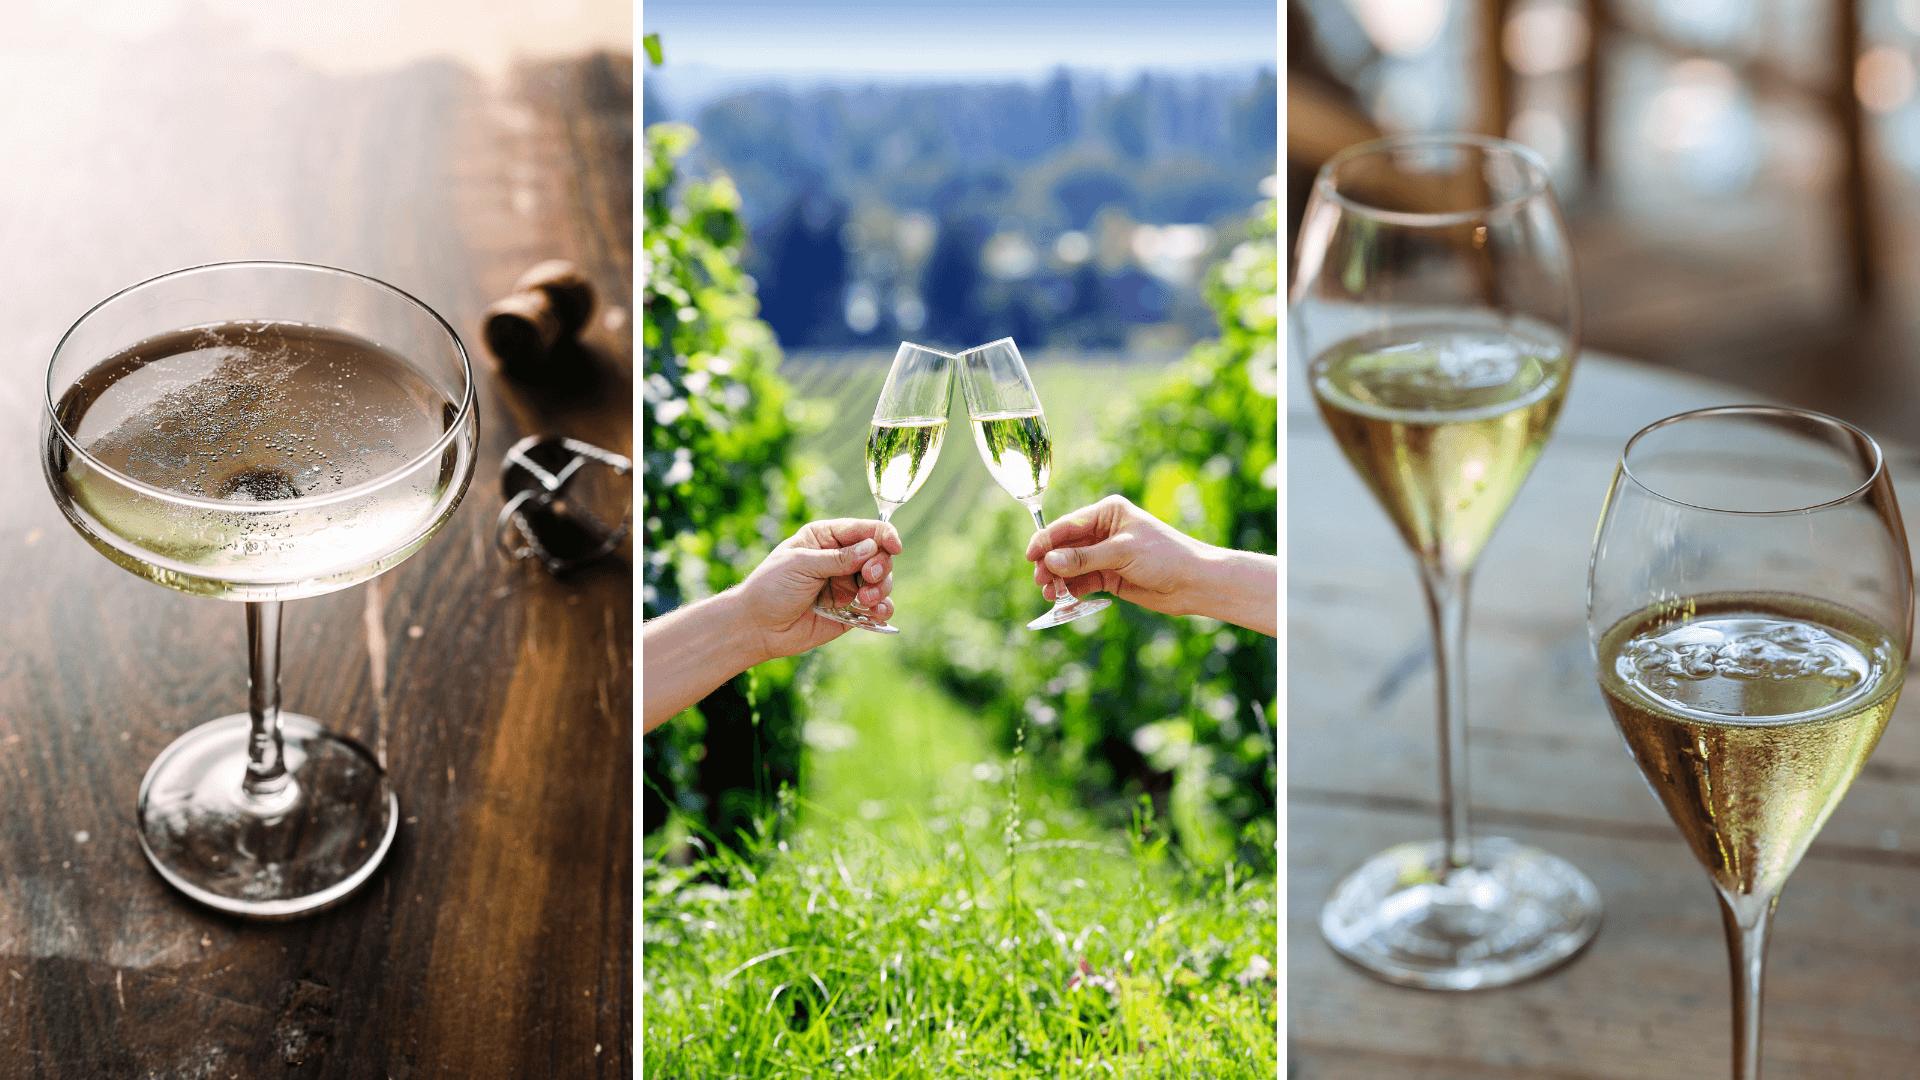 Prosecco or Franciacorta wine?